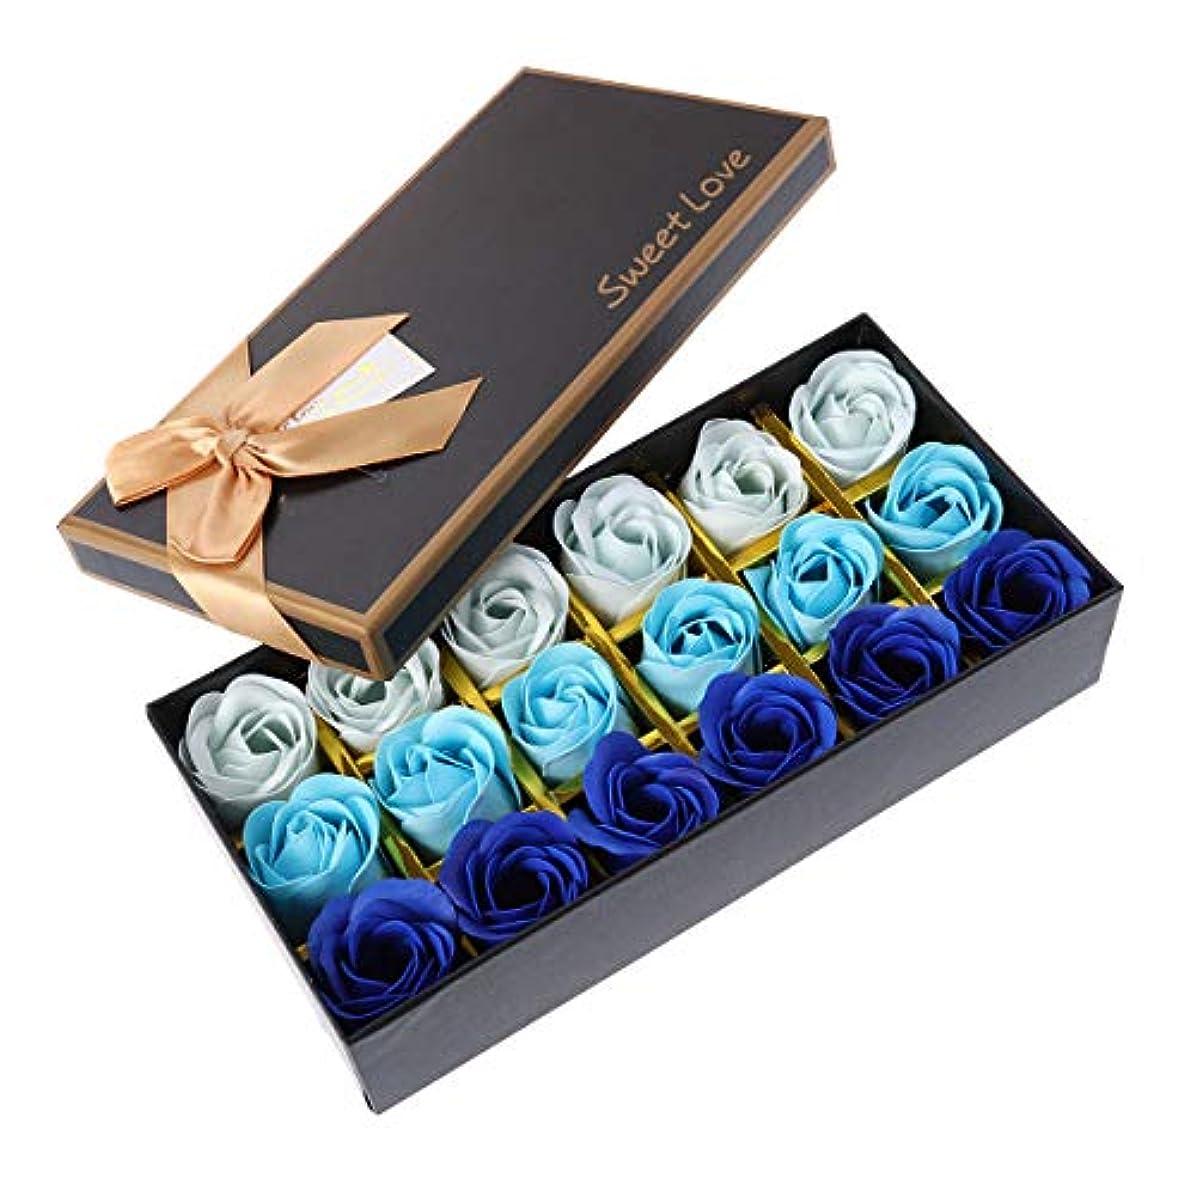 プランターアルカトラズ島不当Beaupretty バレンタインデーの結婚式の誕生日プレゼントのための小さなクマとバラの石鹸の花